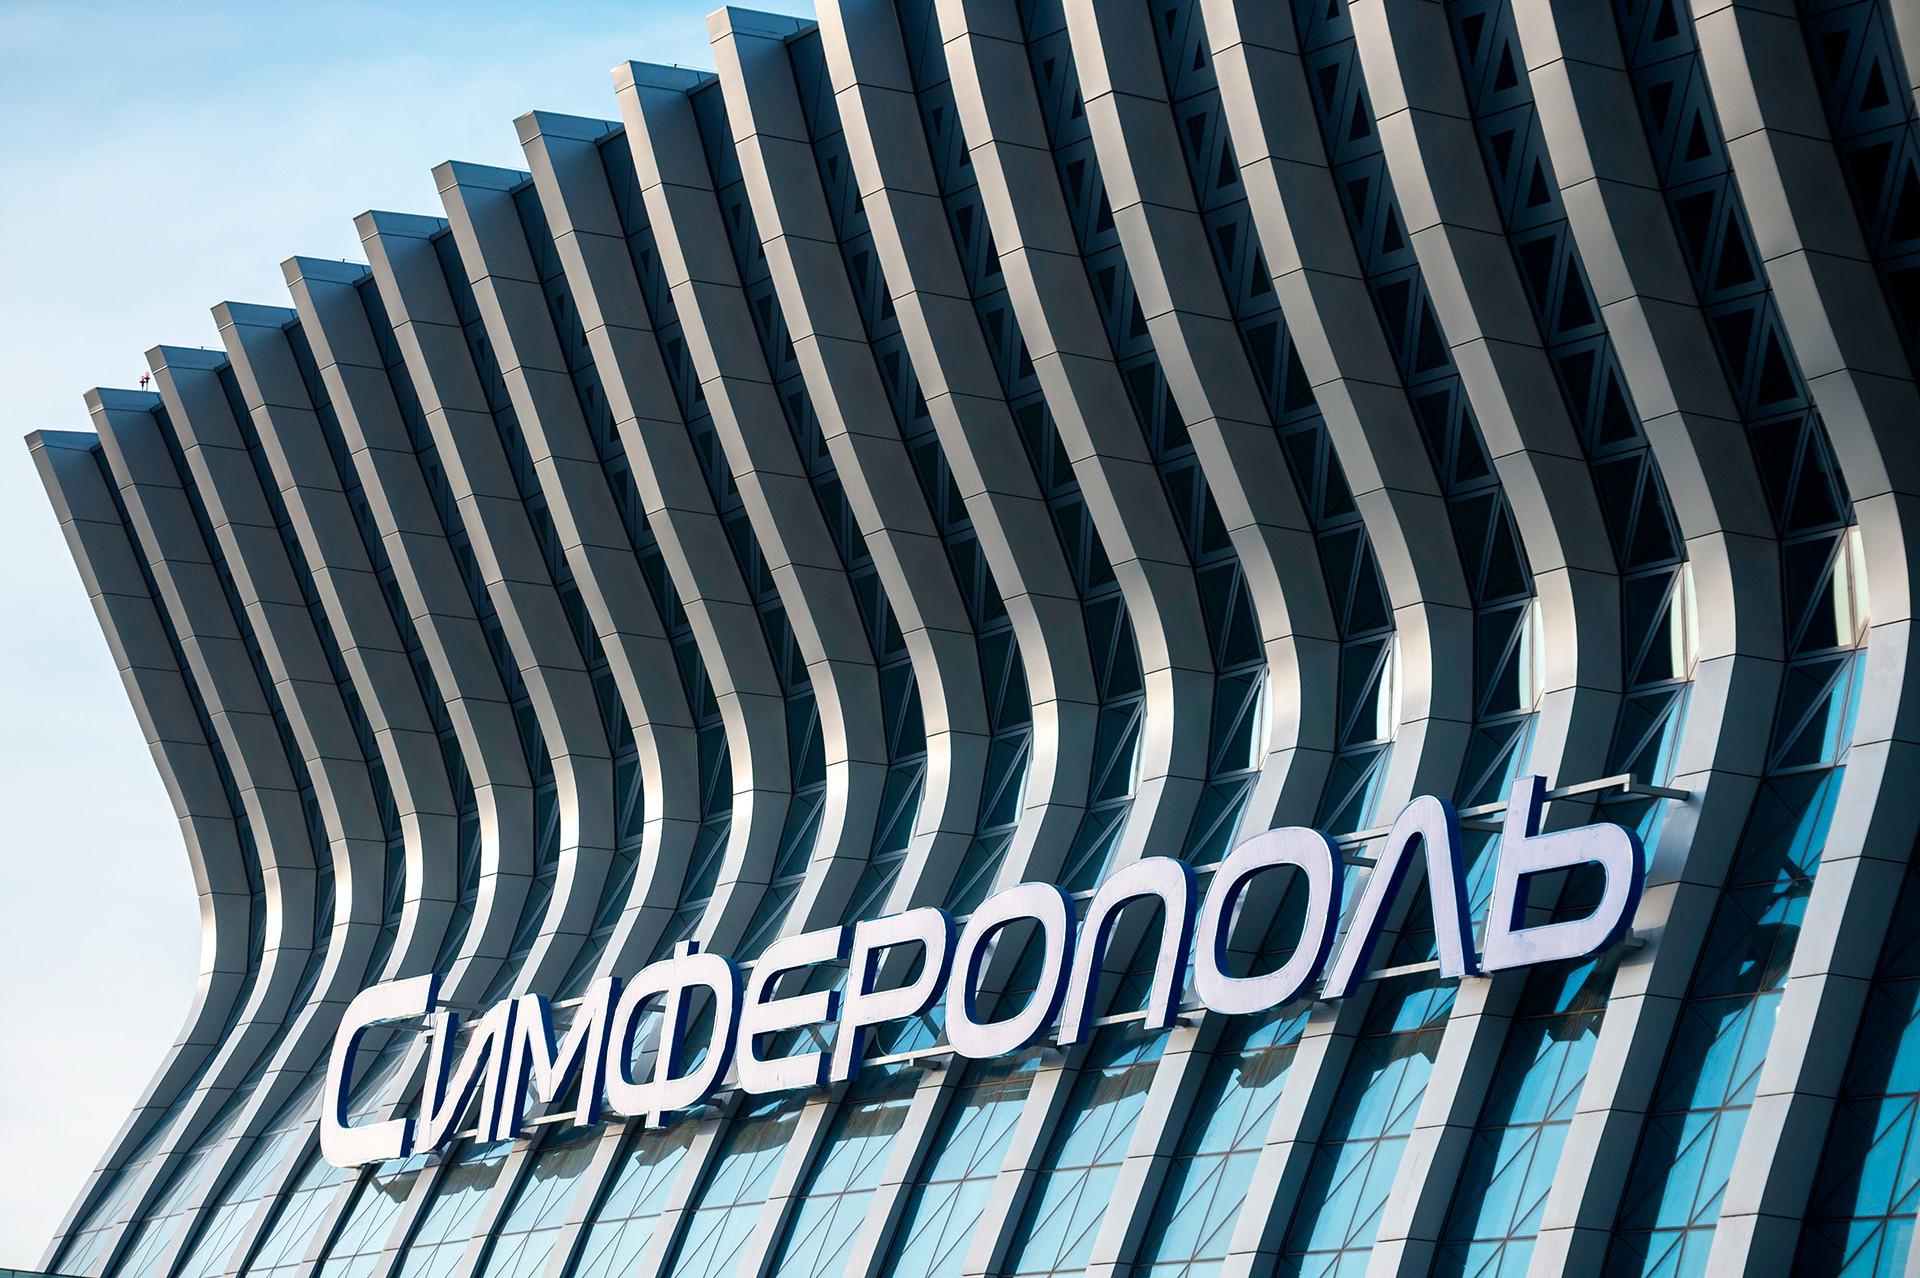 Resultado de imagen para Simferopol Airport new tower